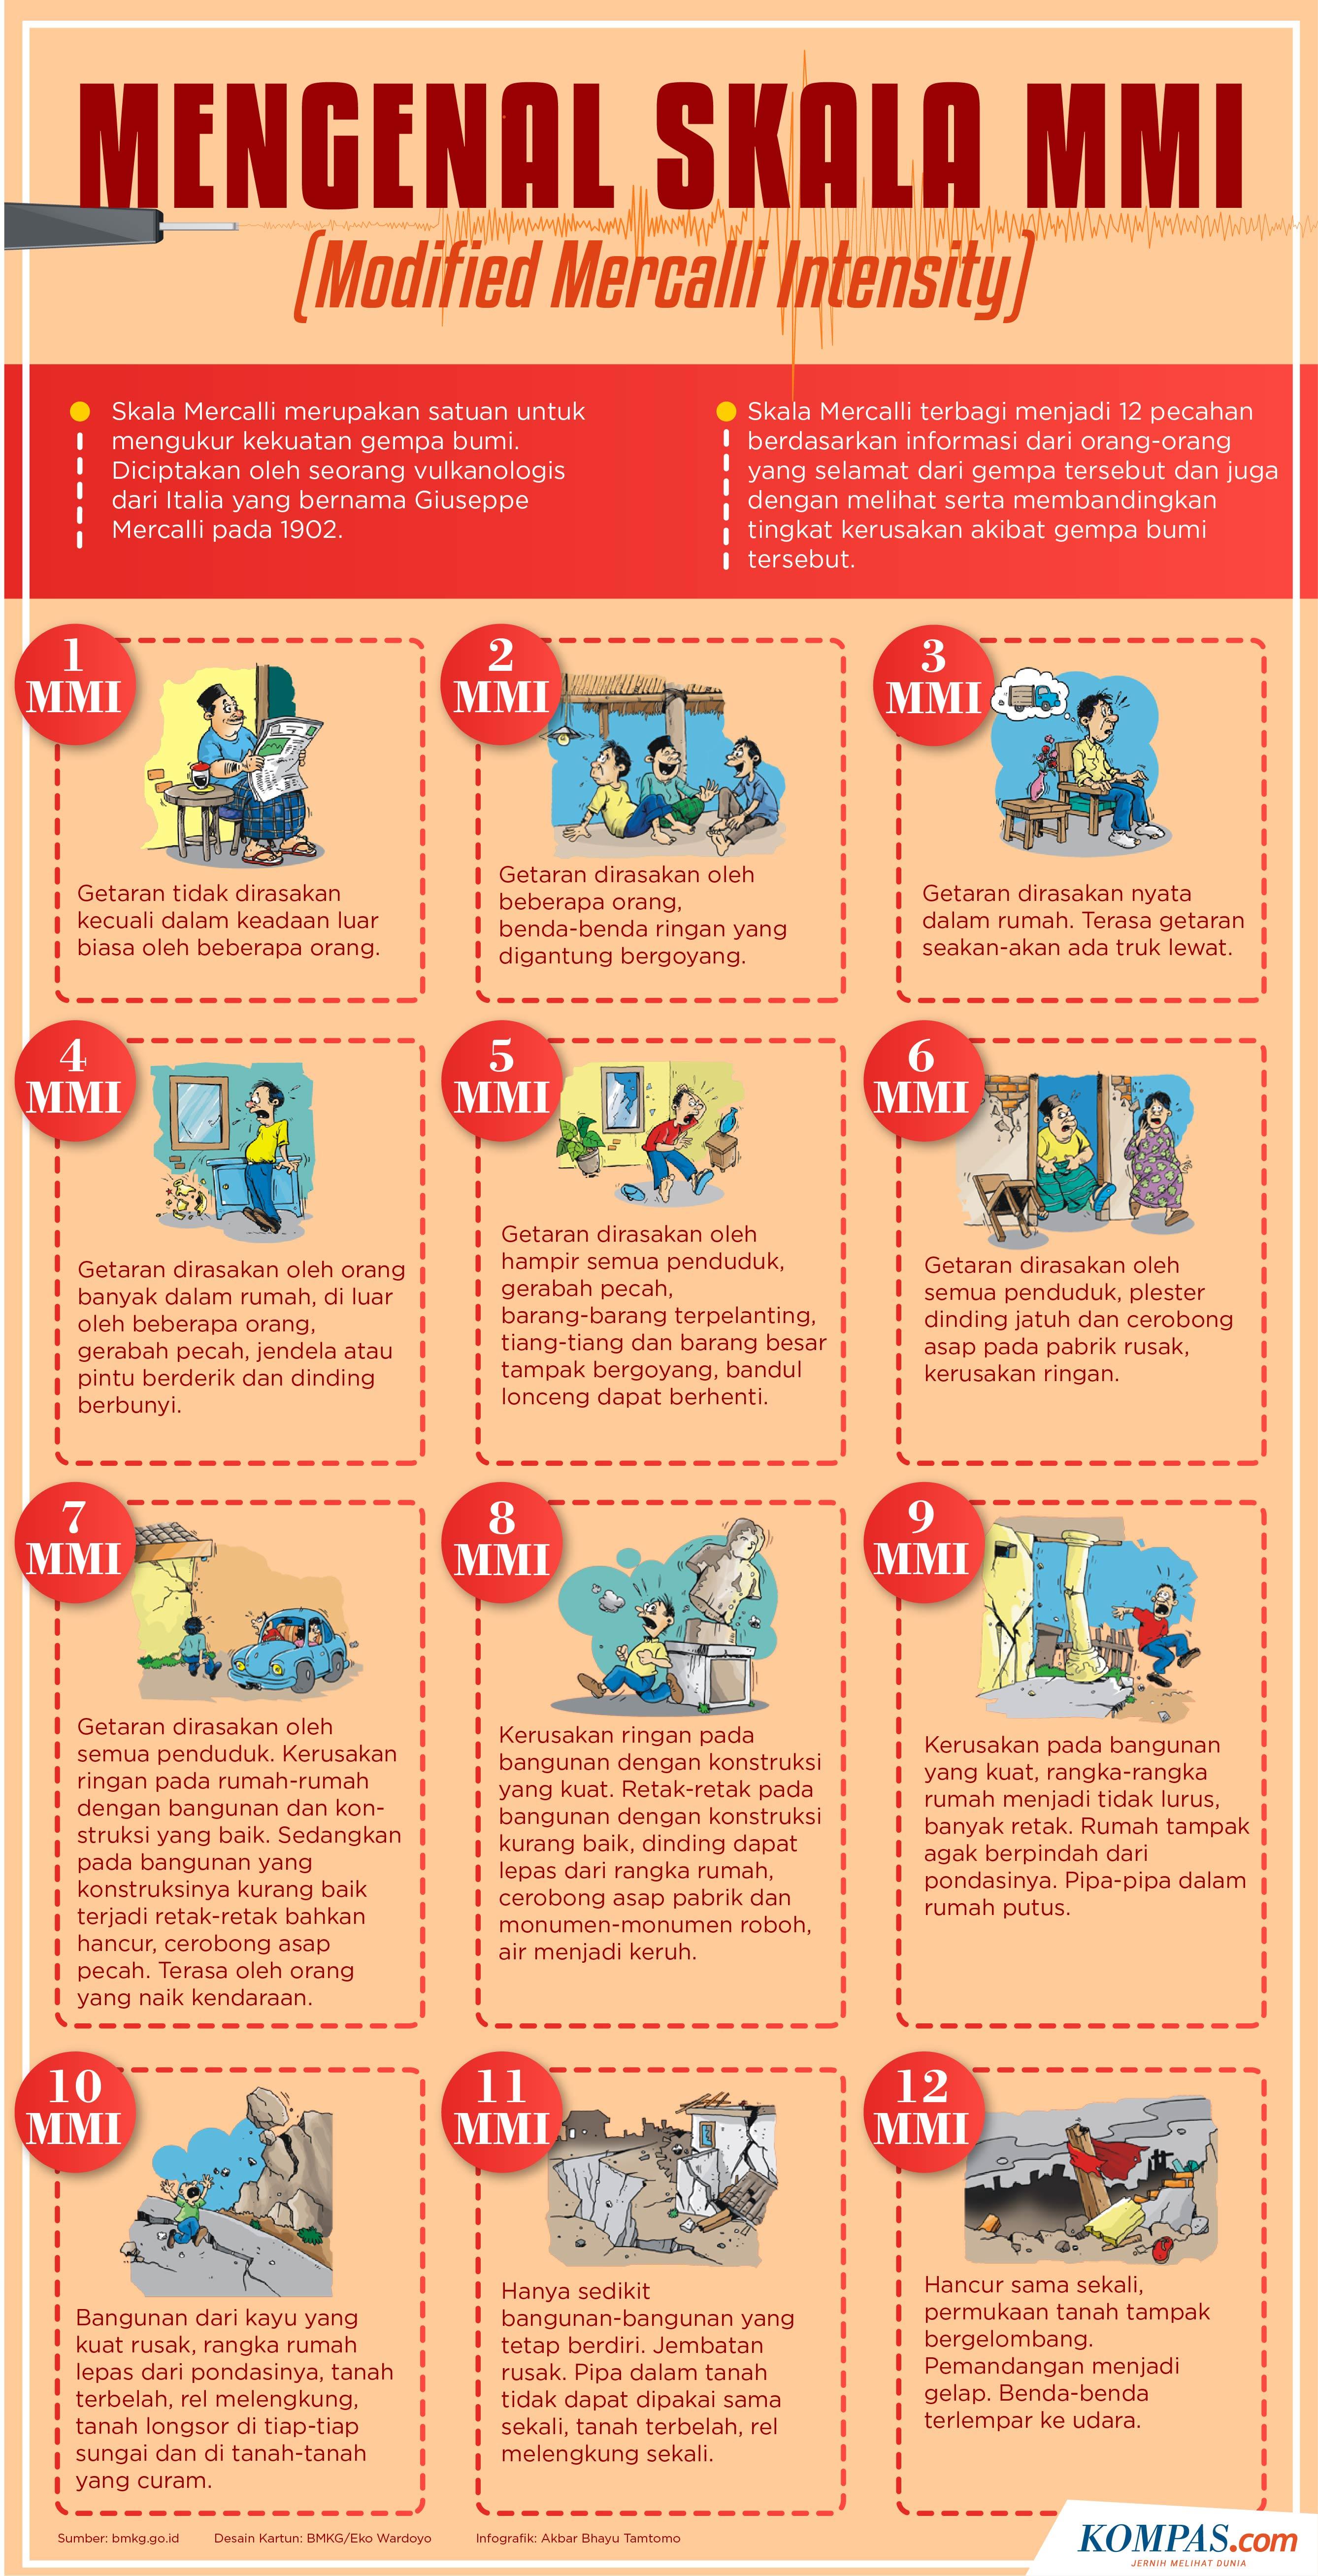 Infografik Mengenal Skala Mmi Satuan Ukur Kekuatan Gempa Bumi